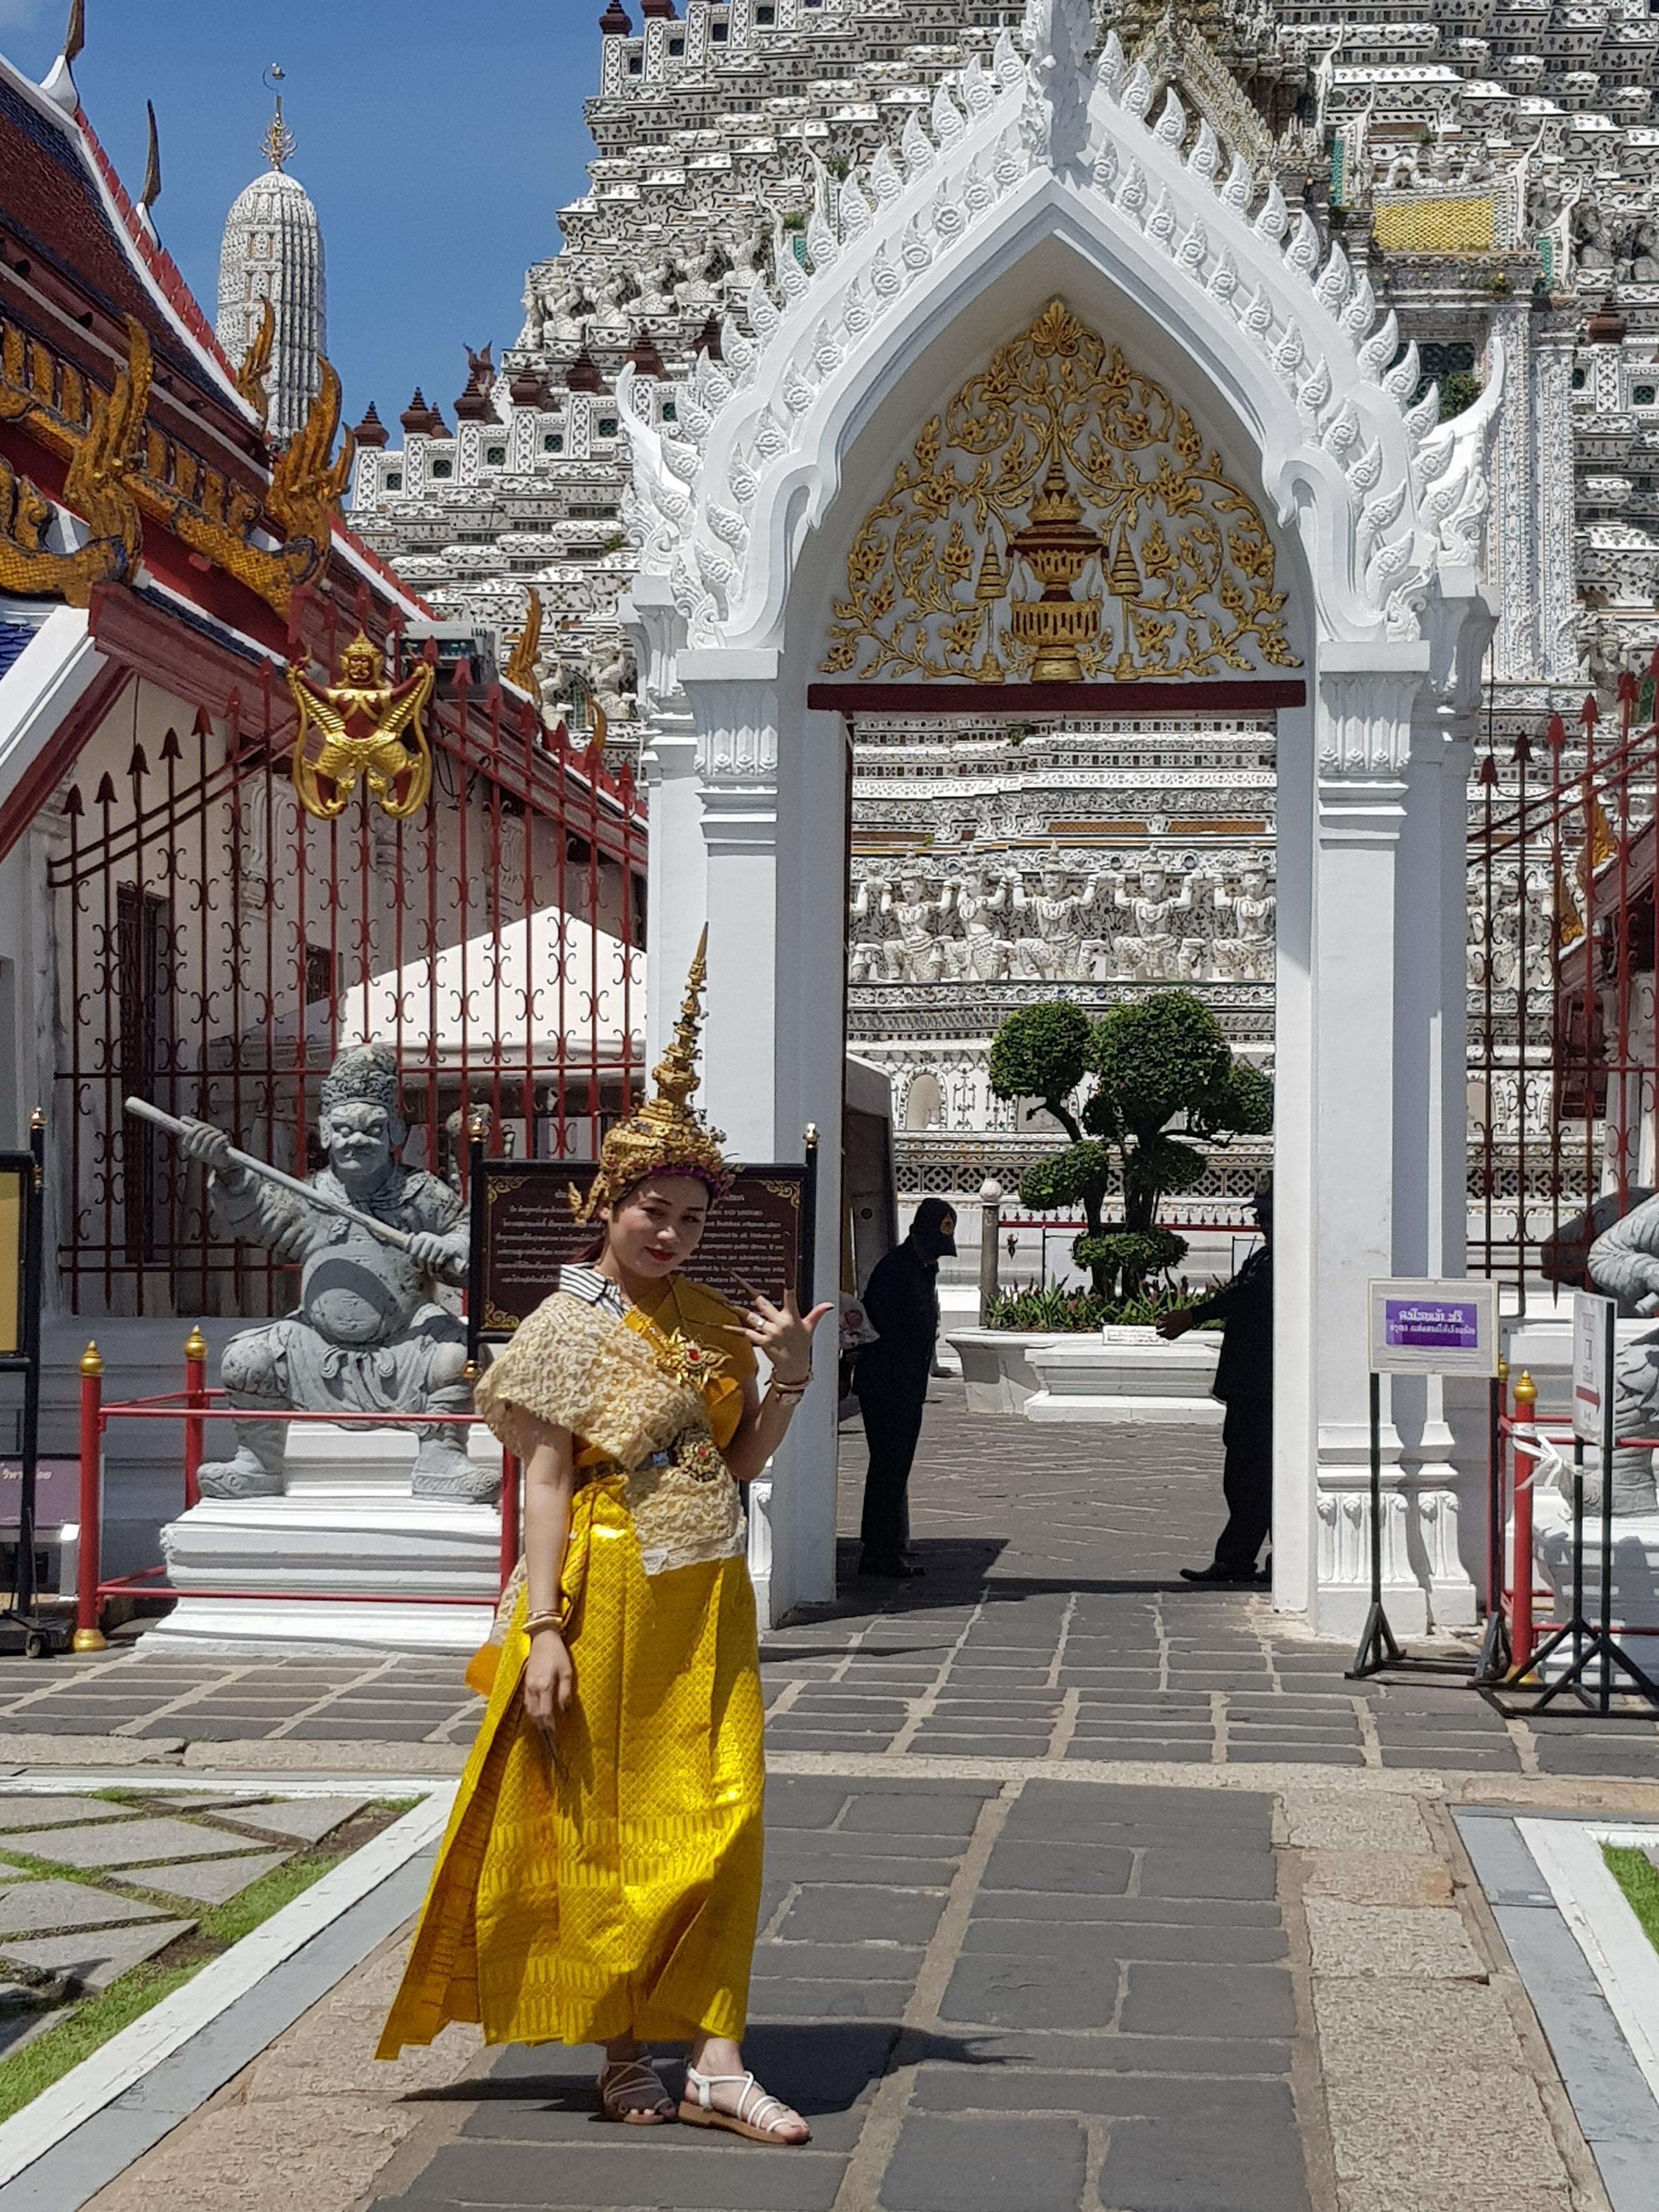 Ragazza in costume tipico thailandese